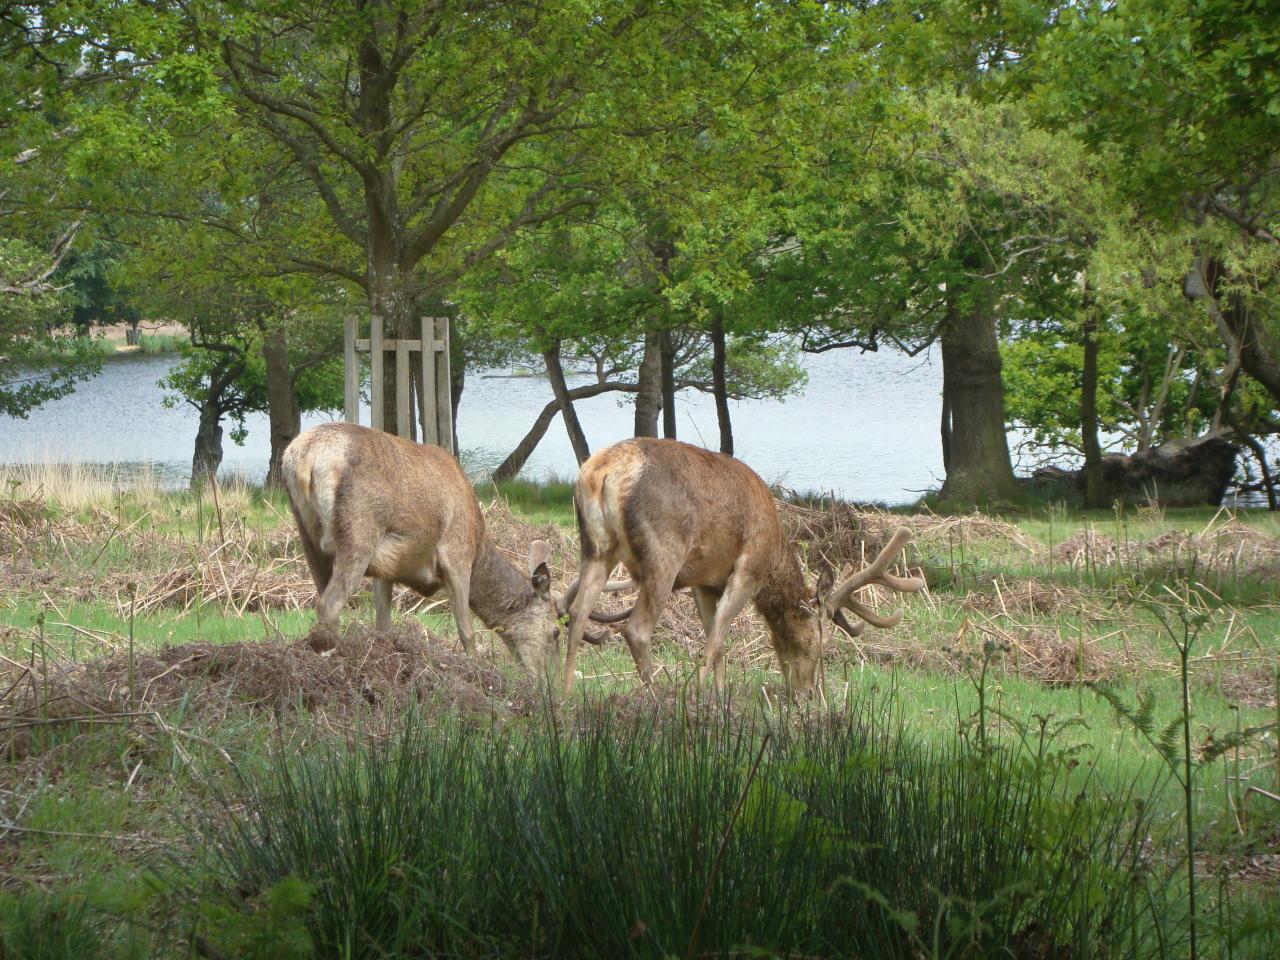 草を食べているアカシカの雄2頭|ロンドンのリッチモンド・パークにて|2016年5月20日撮影